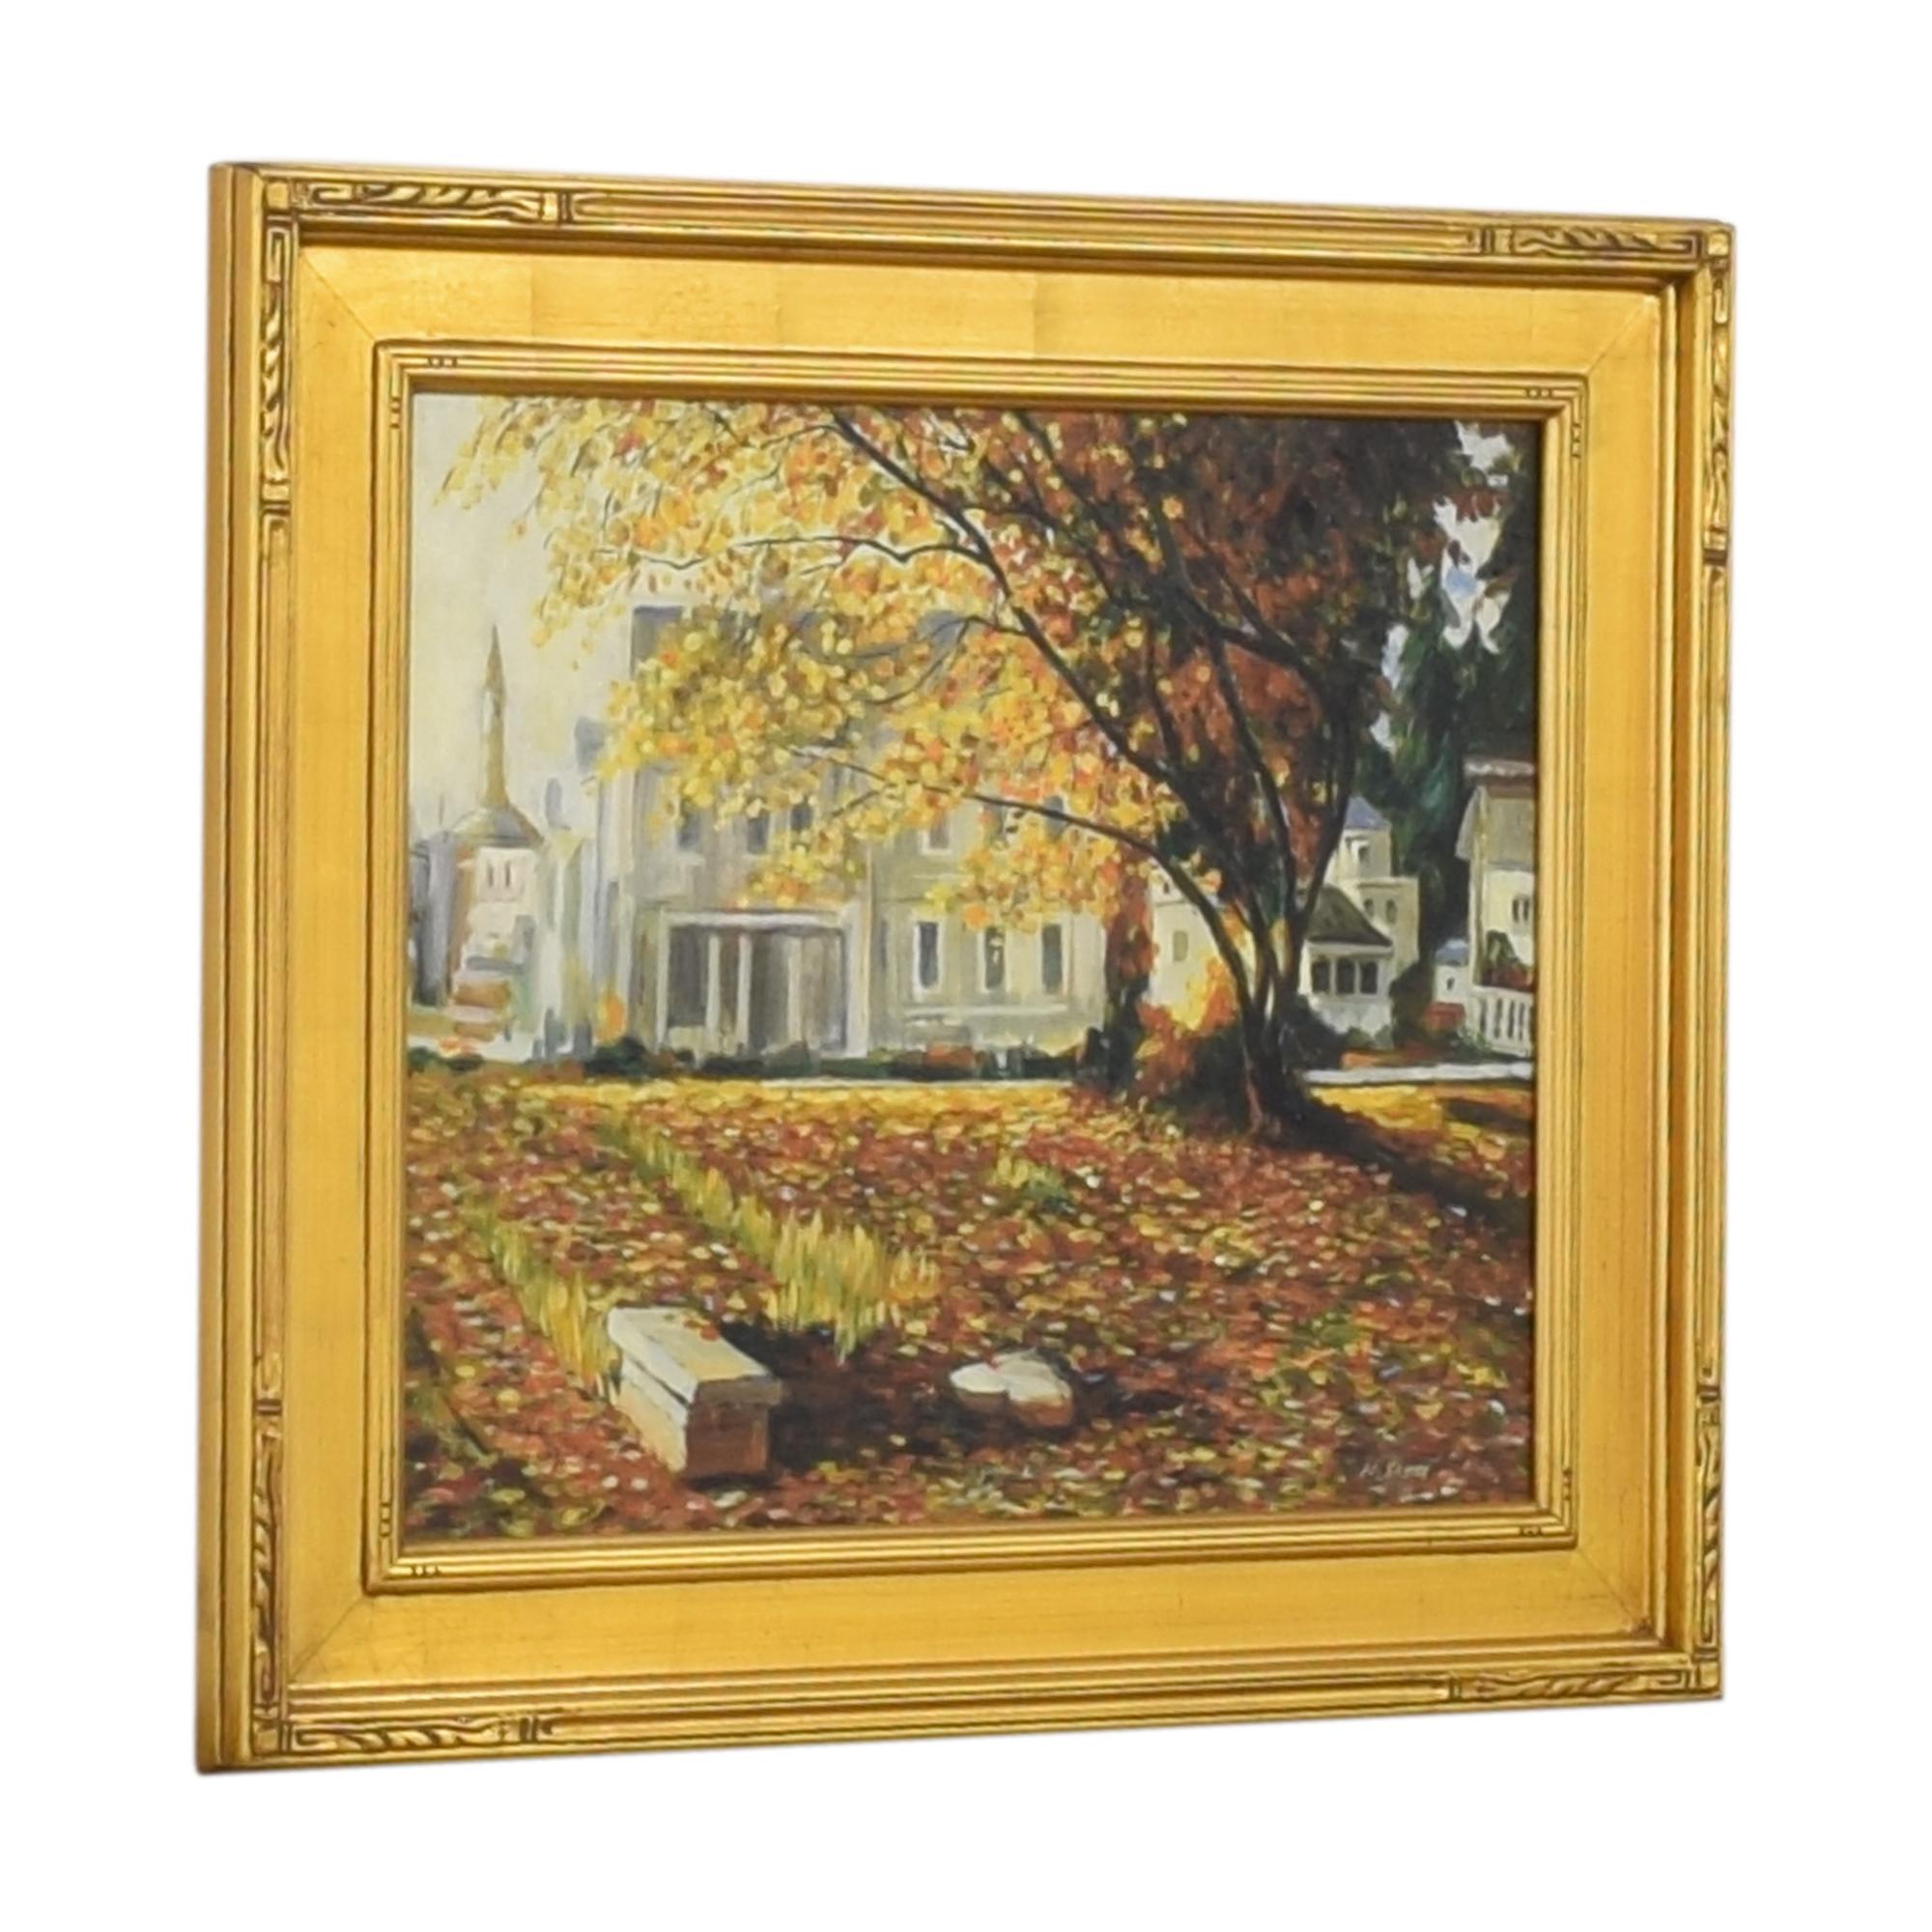 Framed Nina Shou Wall Art sale